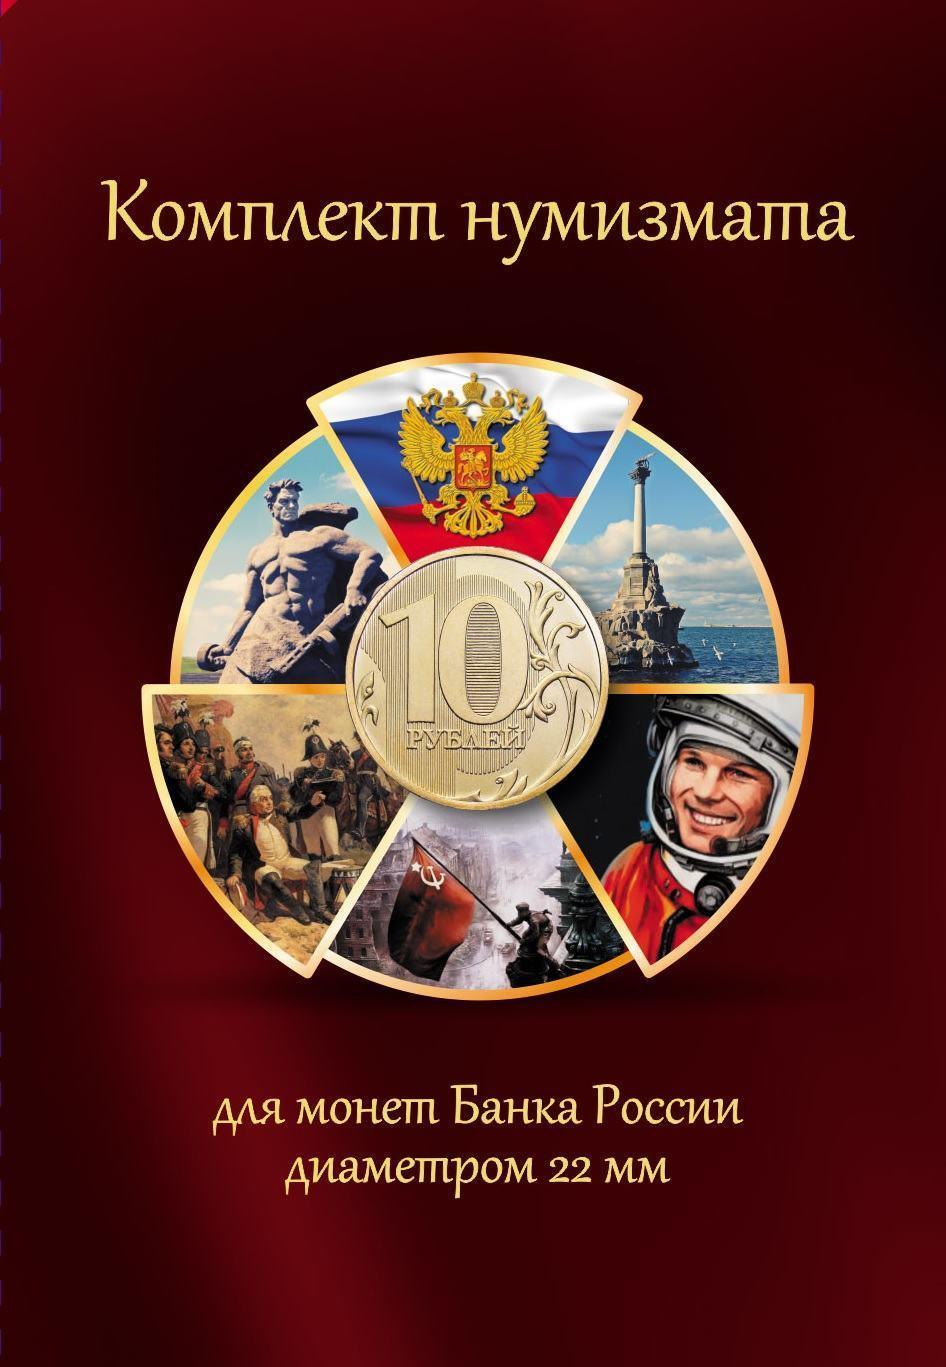 Альбом серии Все в Одном - 10р Комплект Нумизмата 00487